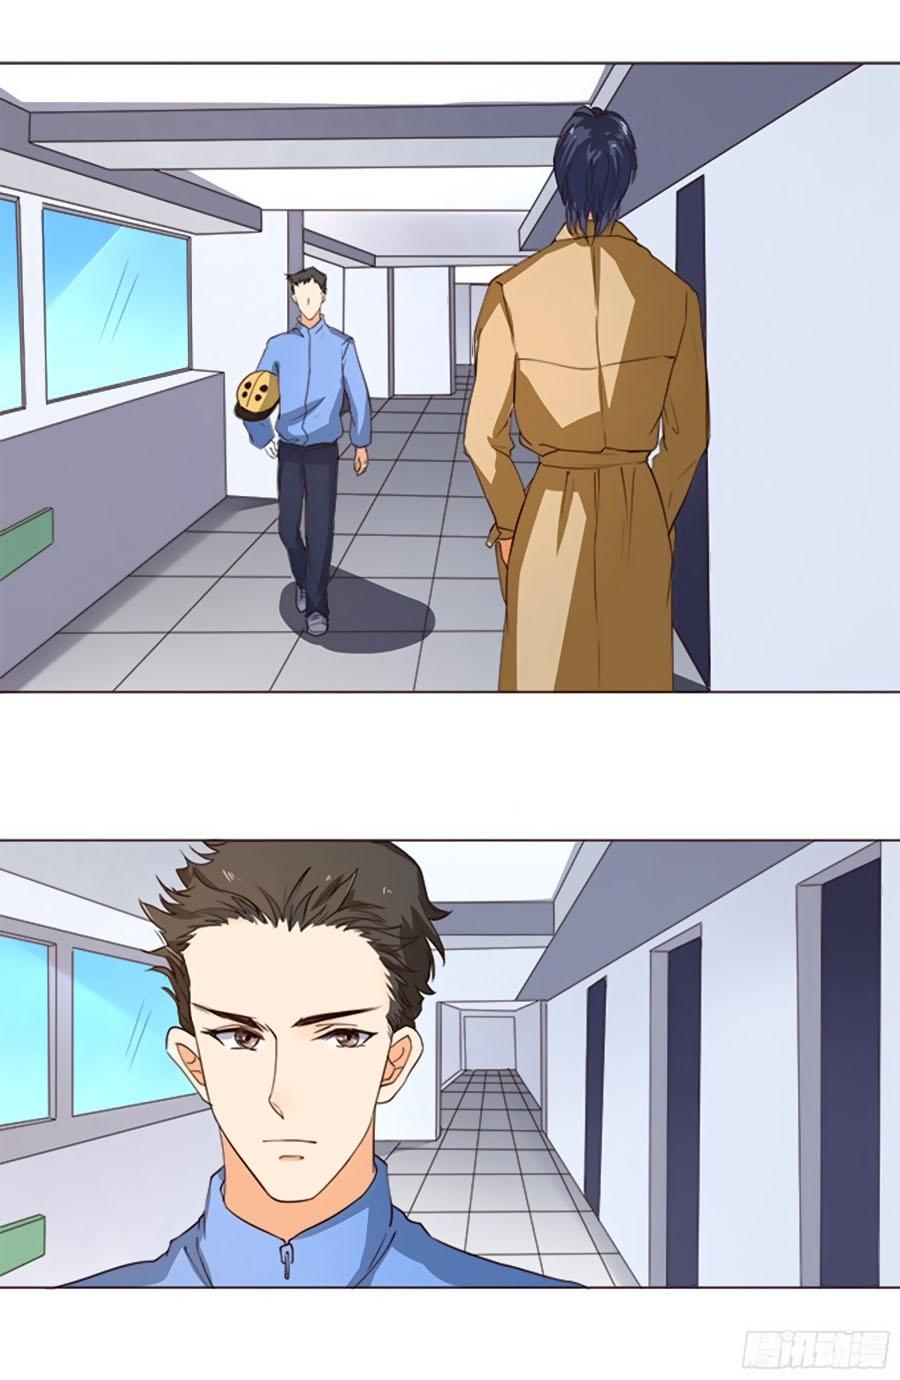 Bác Sĩ Sở Cũng Muốn Yêu chap 52 - Trang 22